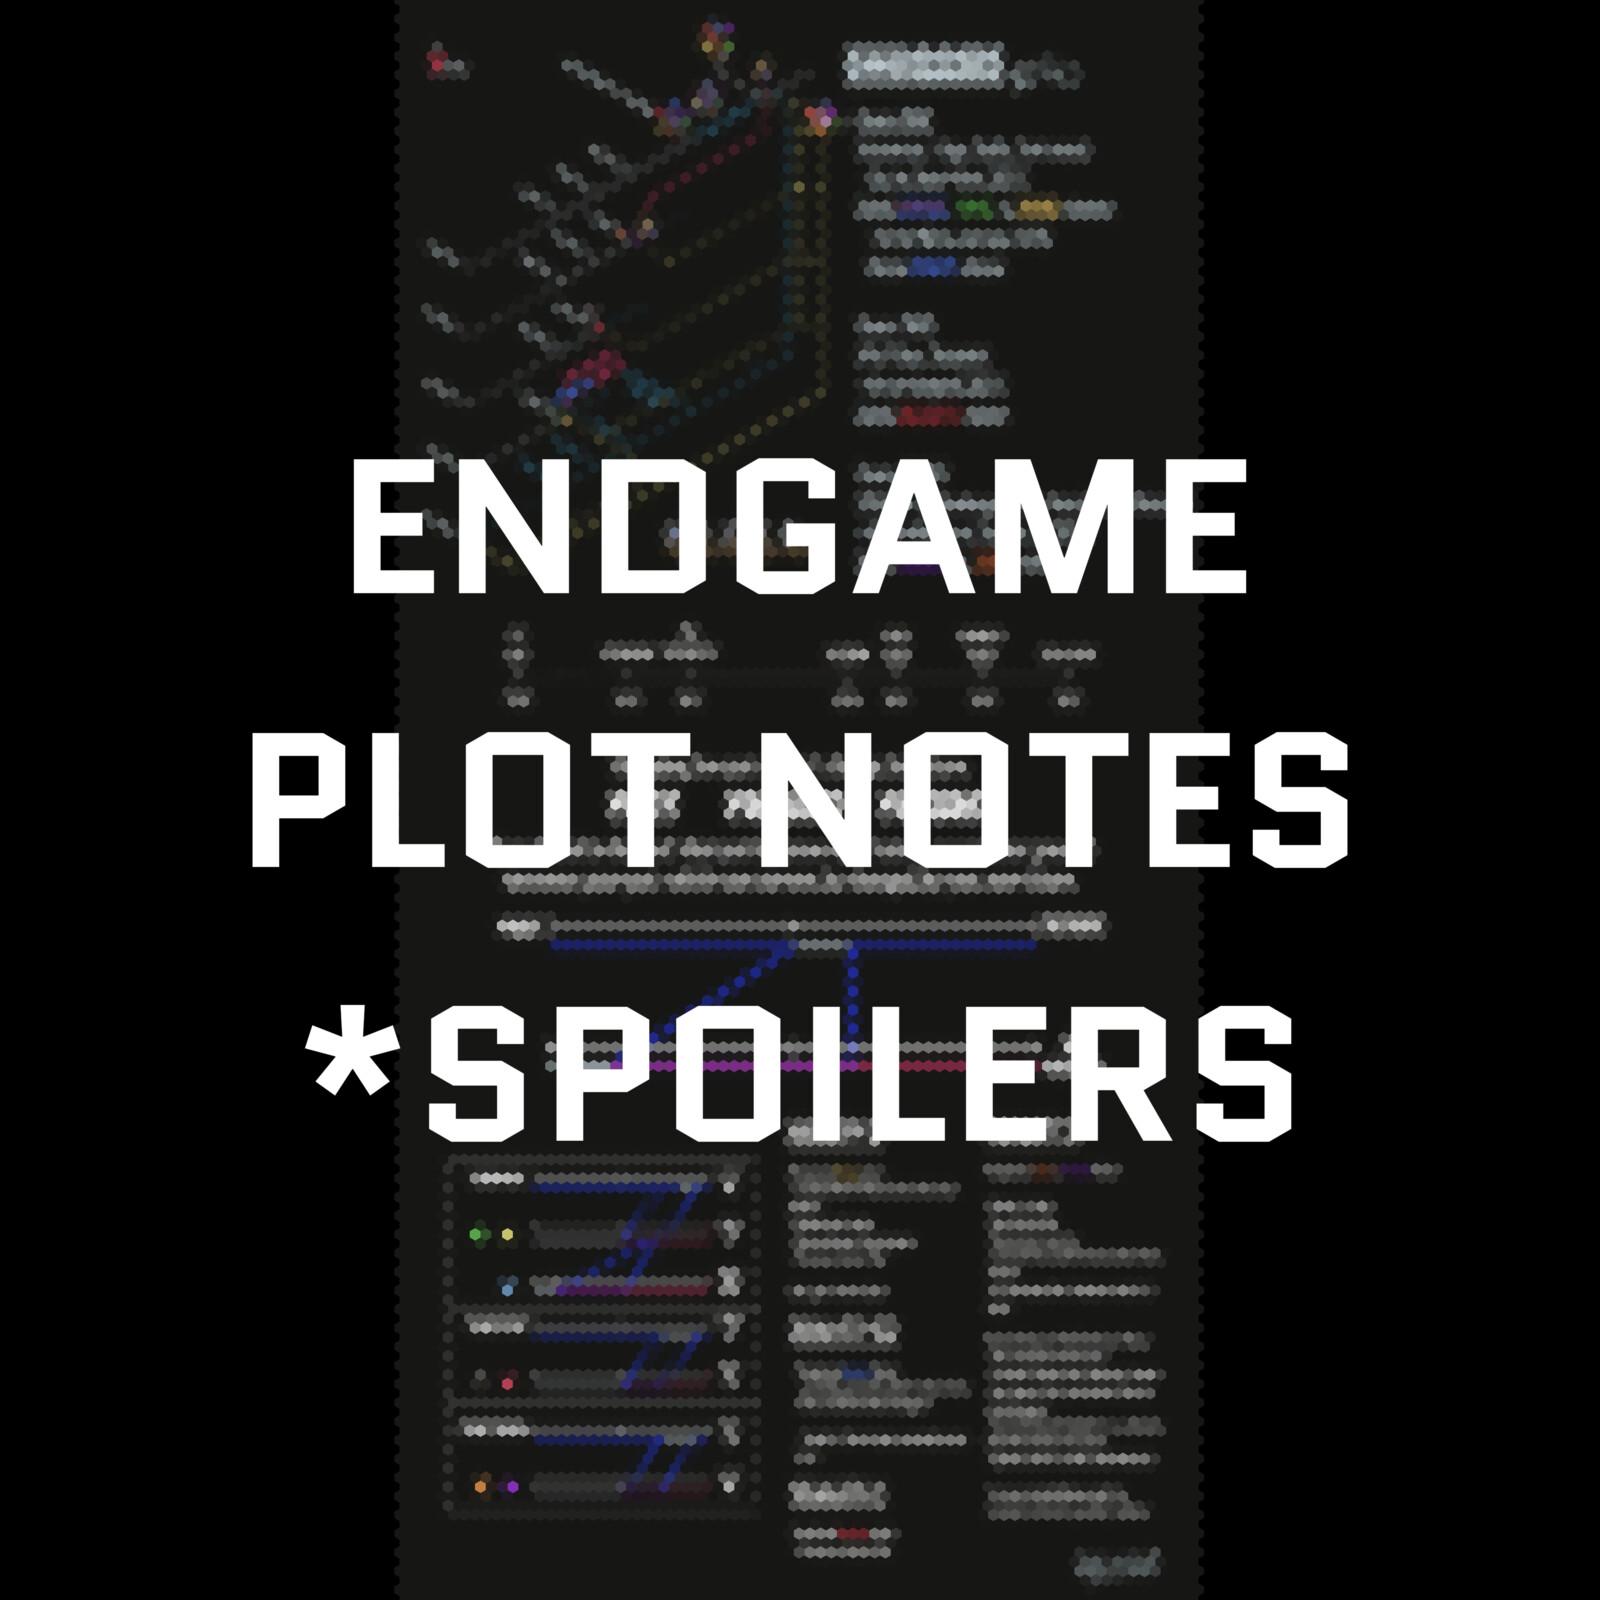 Endgame Infographic *spoilers inside